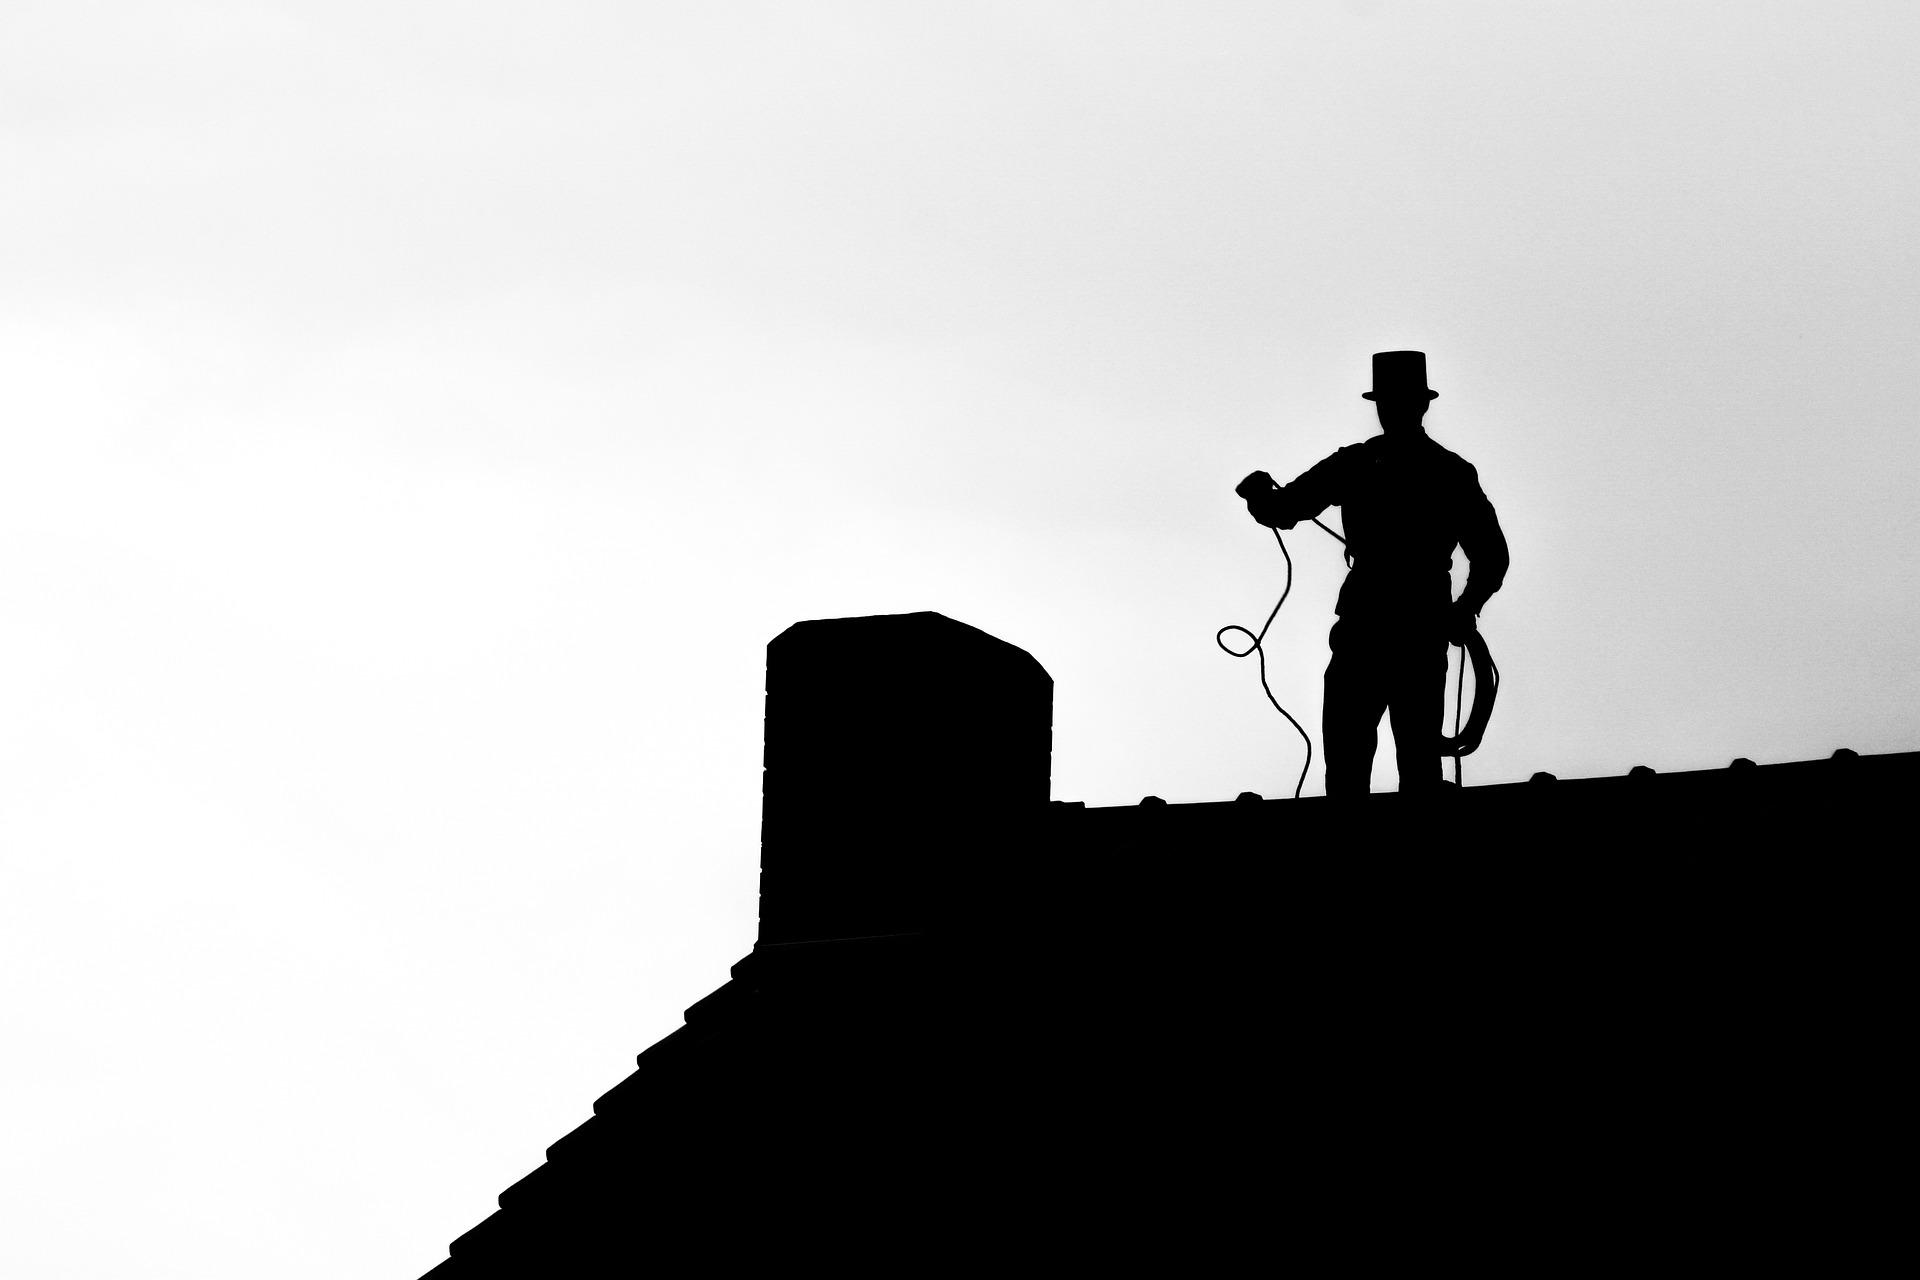 Obrazek przedstawia kominiarza na dachu przy kominie w kolorze czarnym na jasnoszarym tle